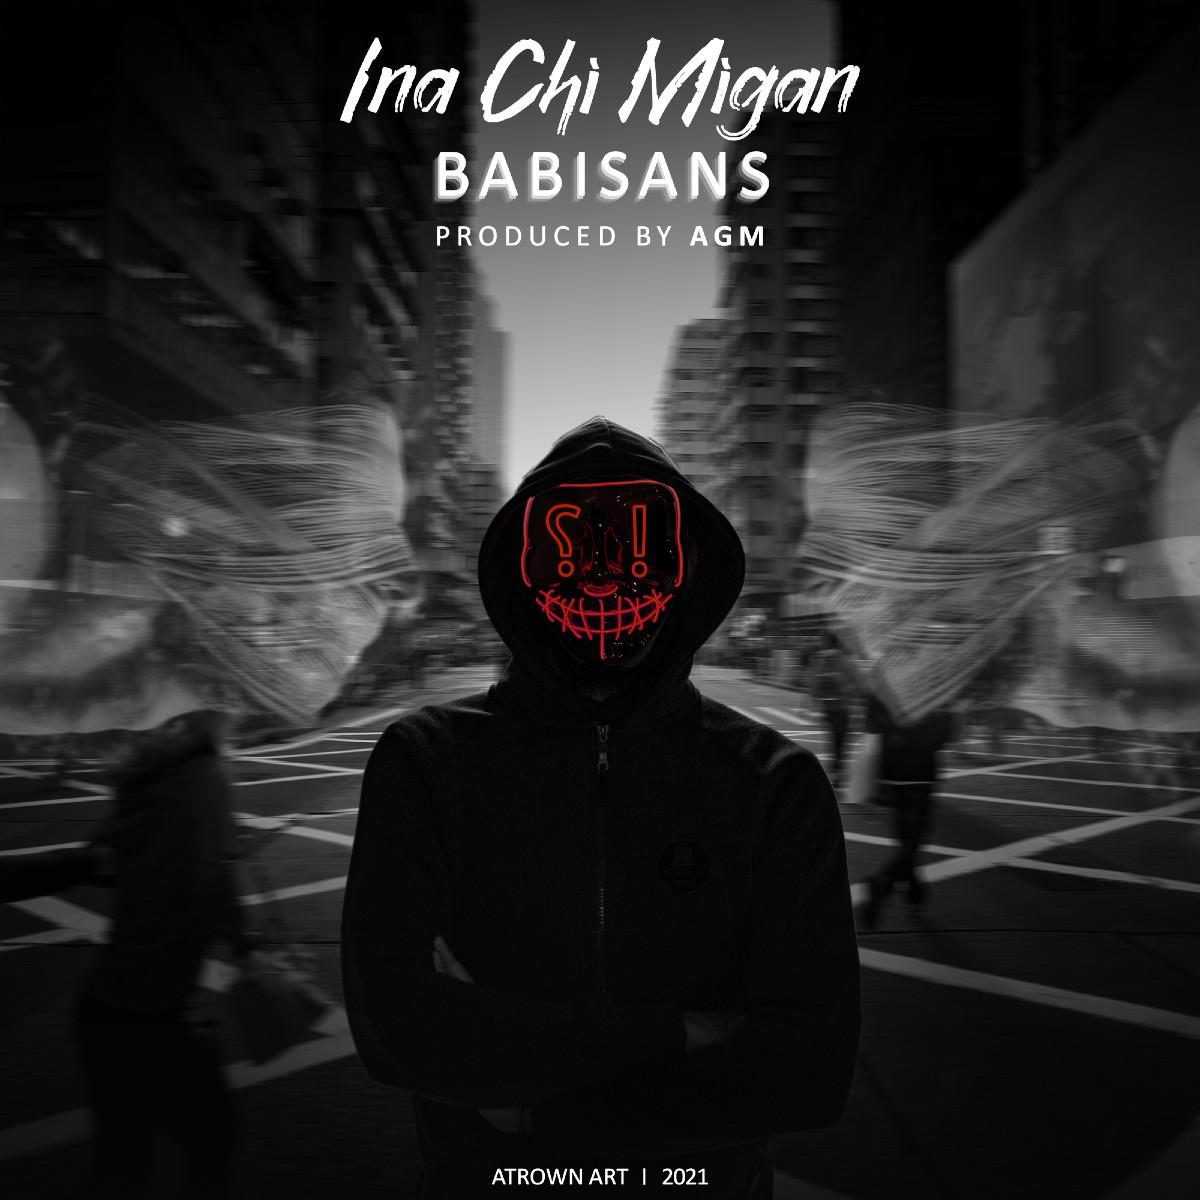 Babisans - Ina Chi Migan